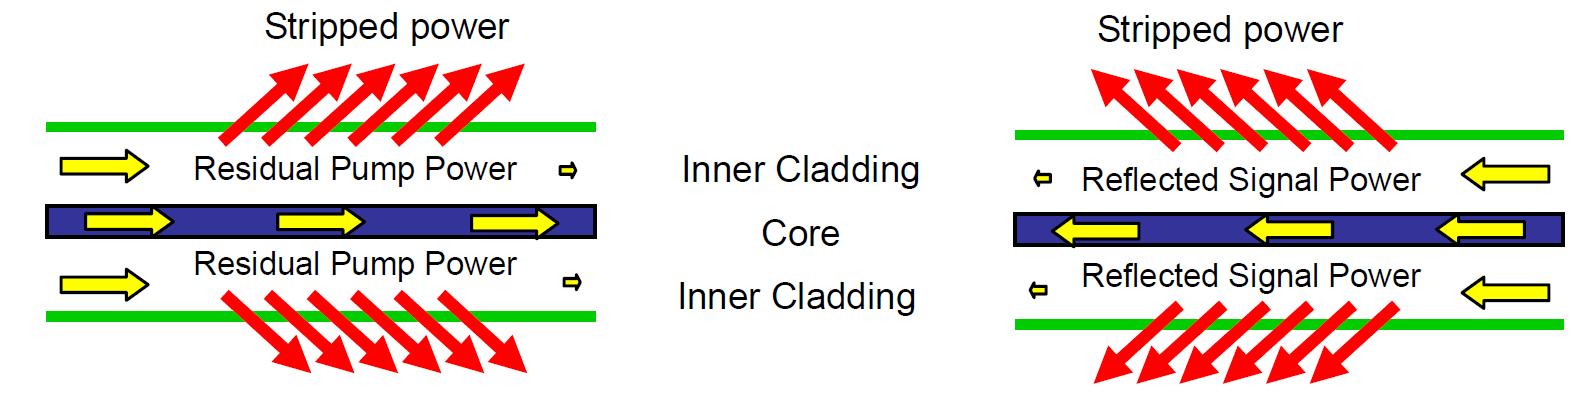 Cladding Power Stripper_fig